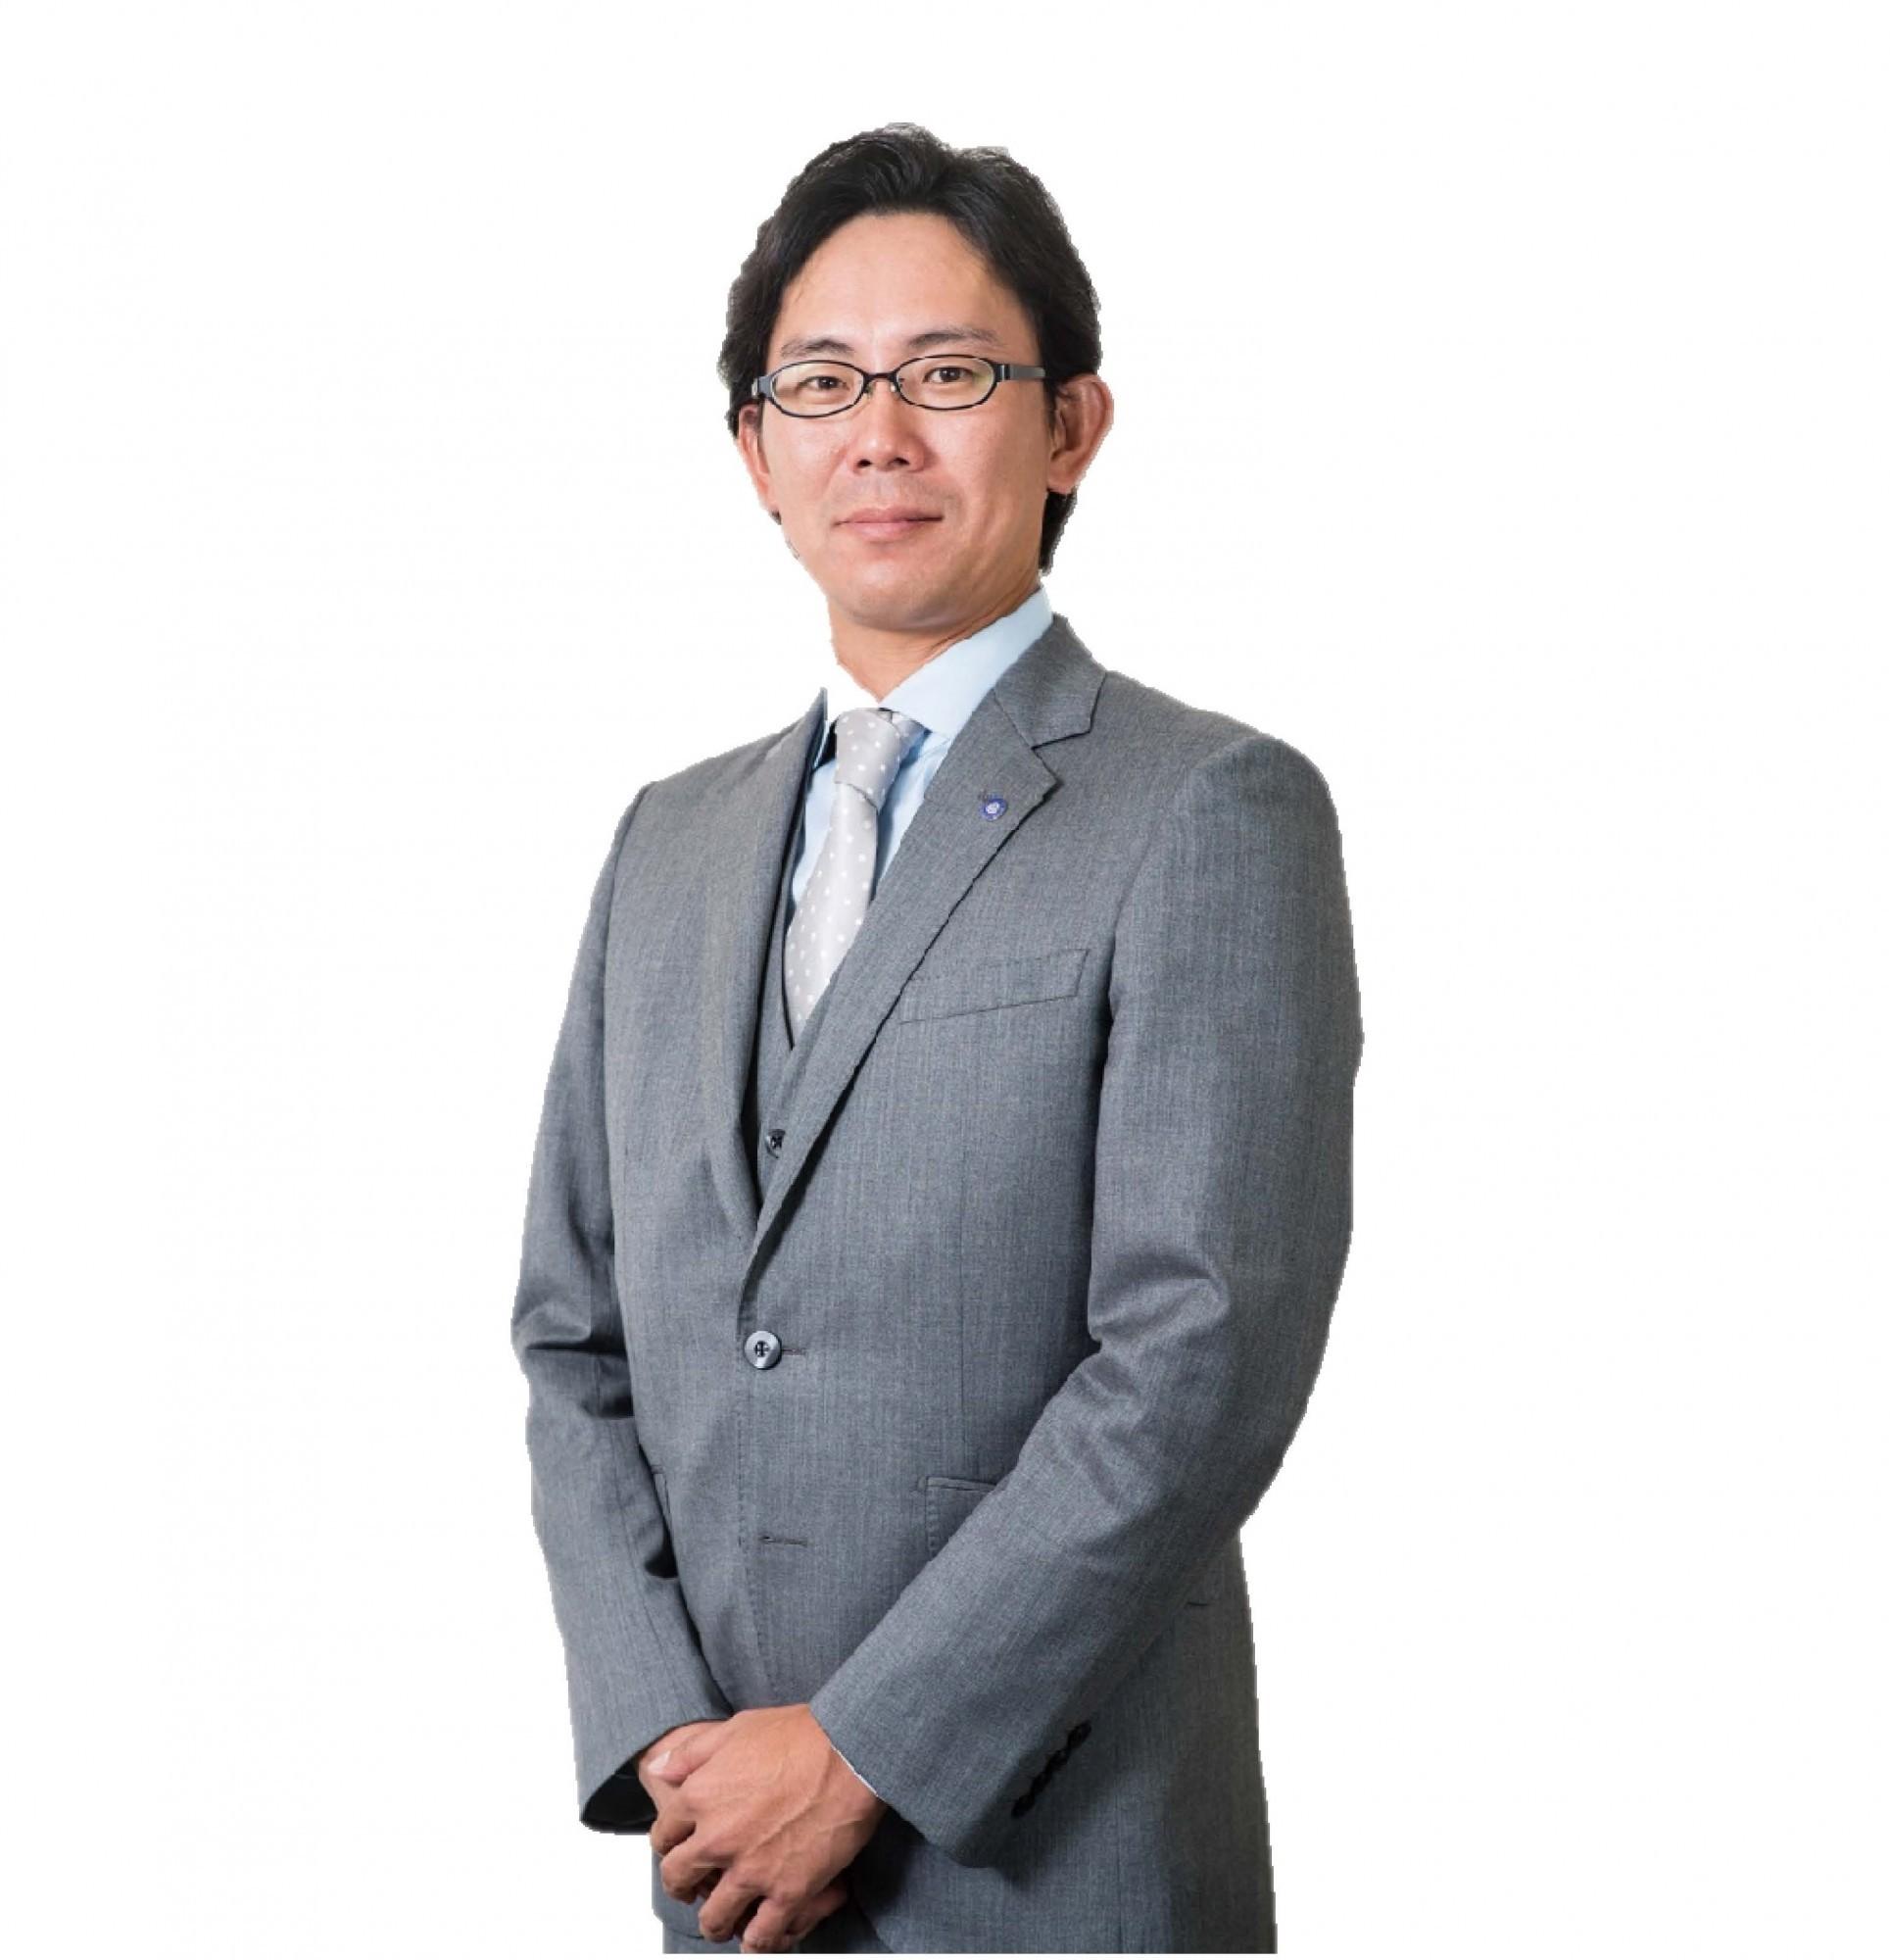 ヤマギシリフォーム工業株式会社の代表者写真